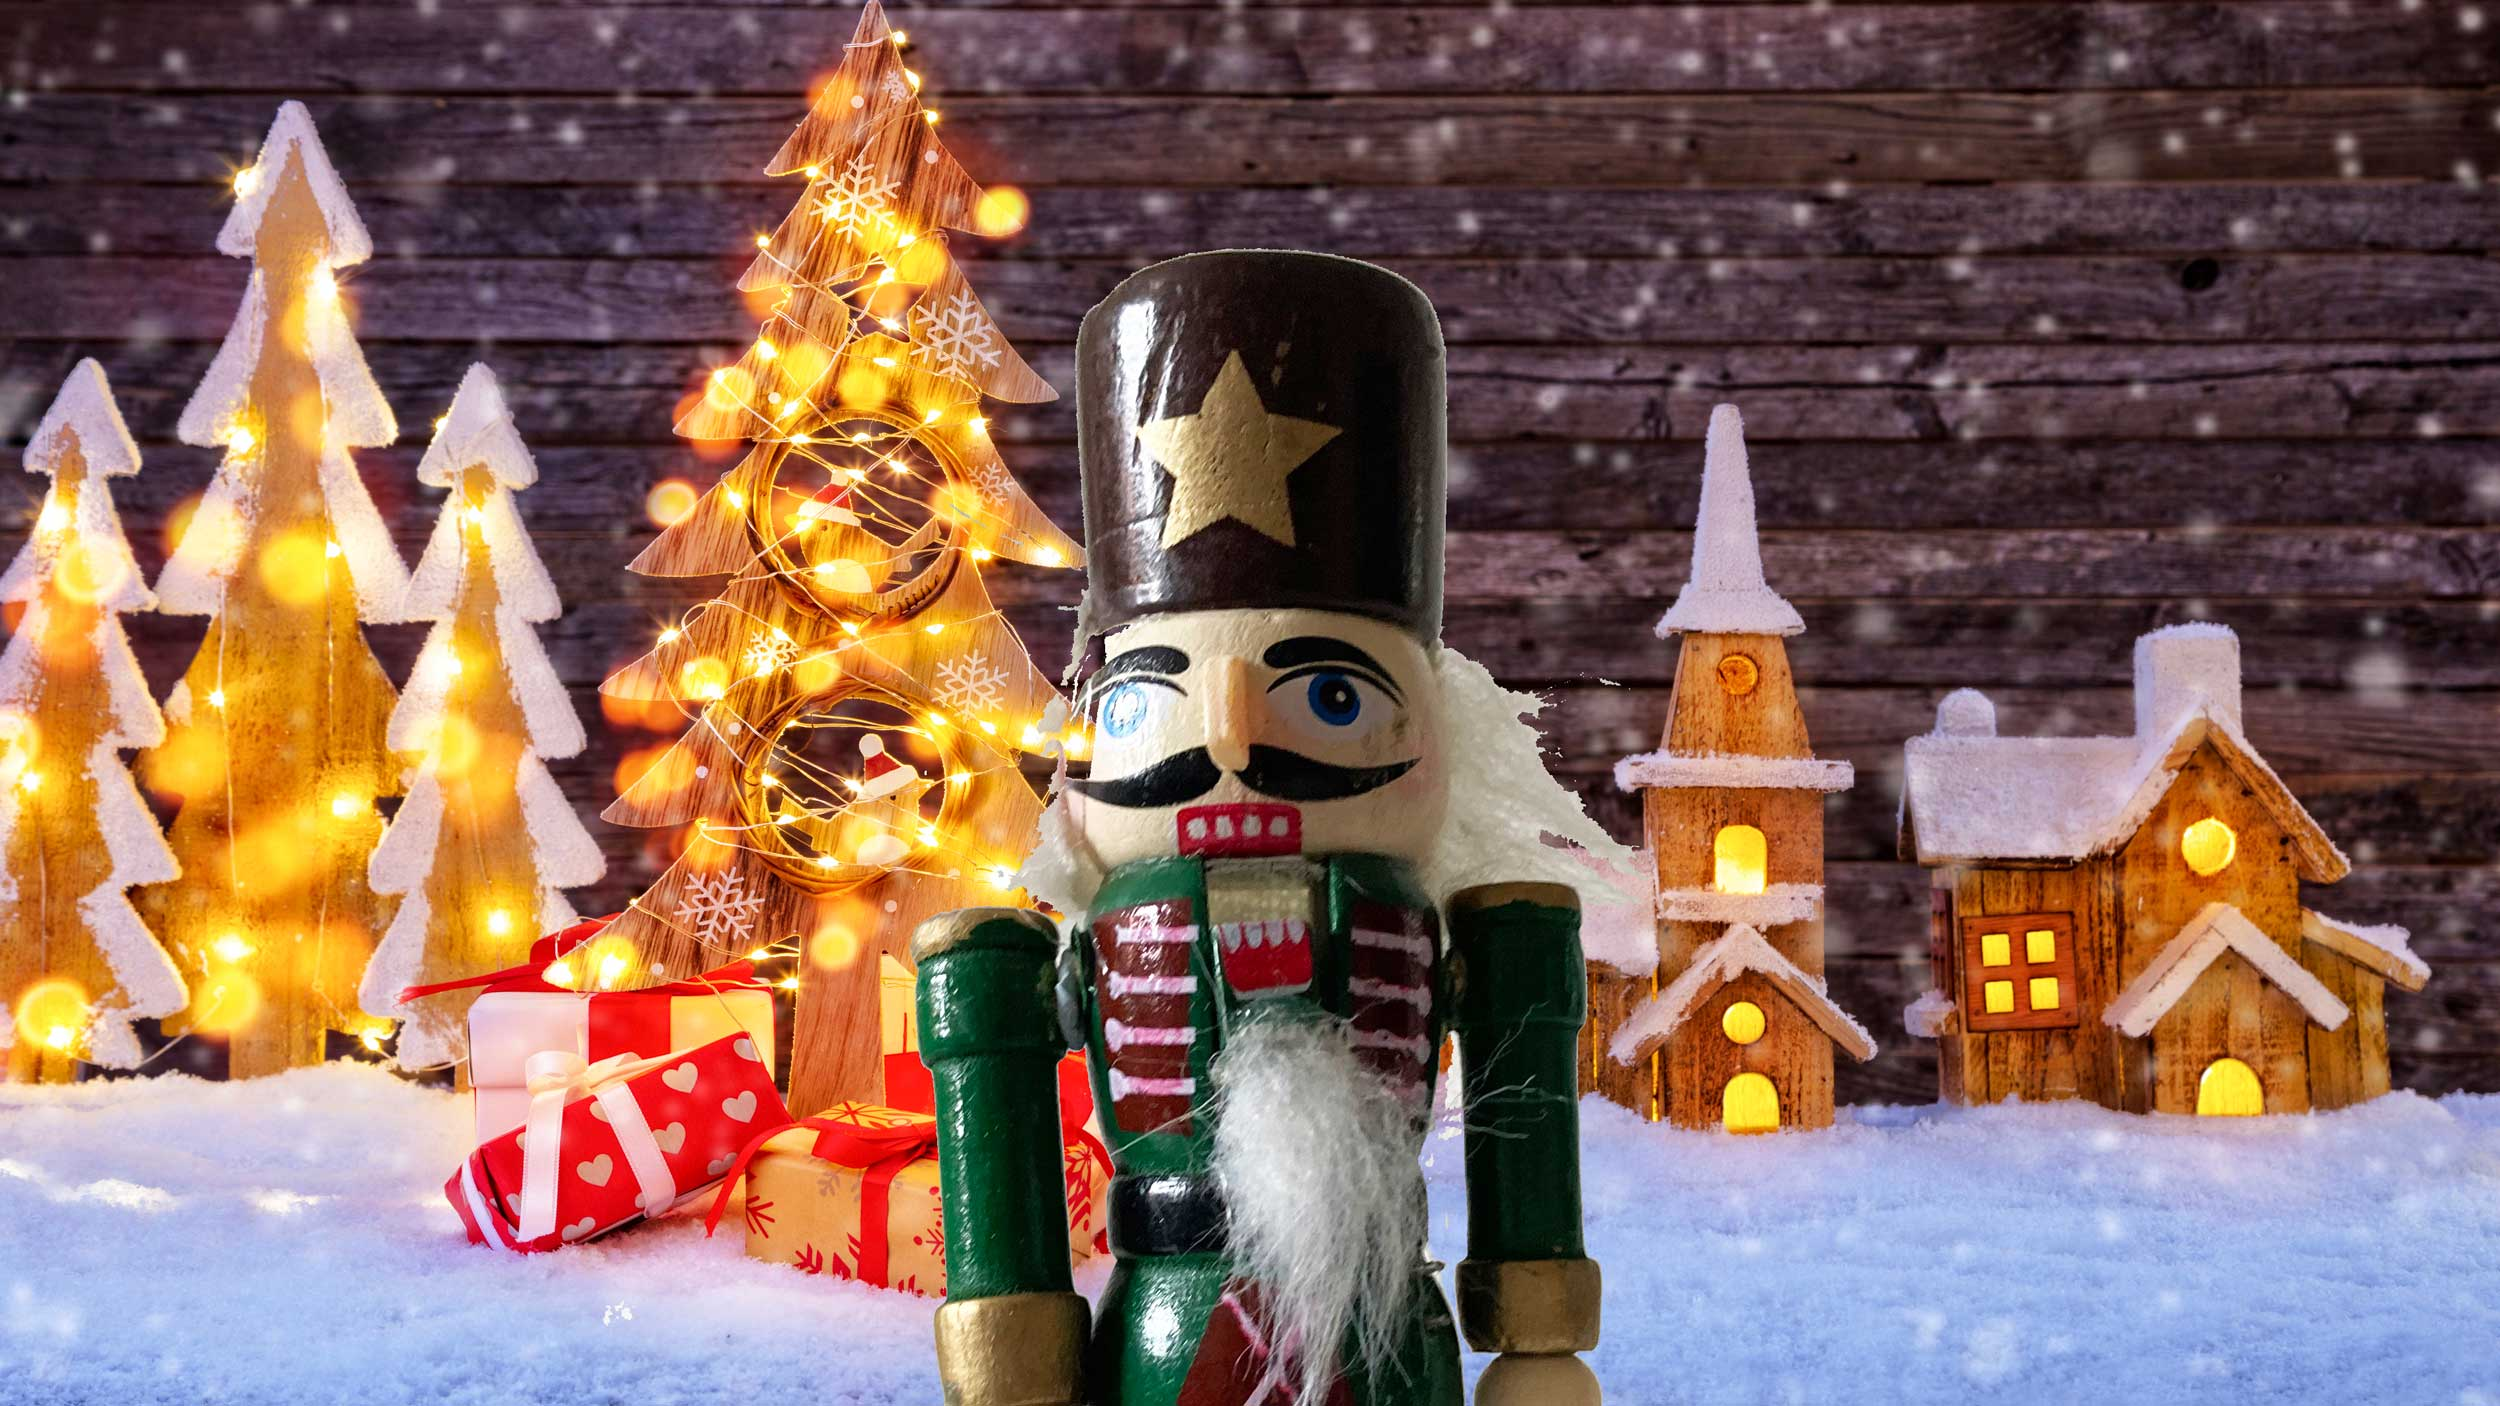 The Nutcracker - a Christmas Show for Kids